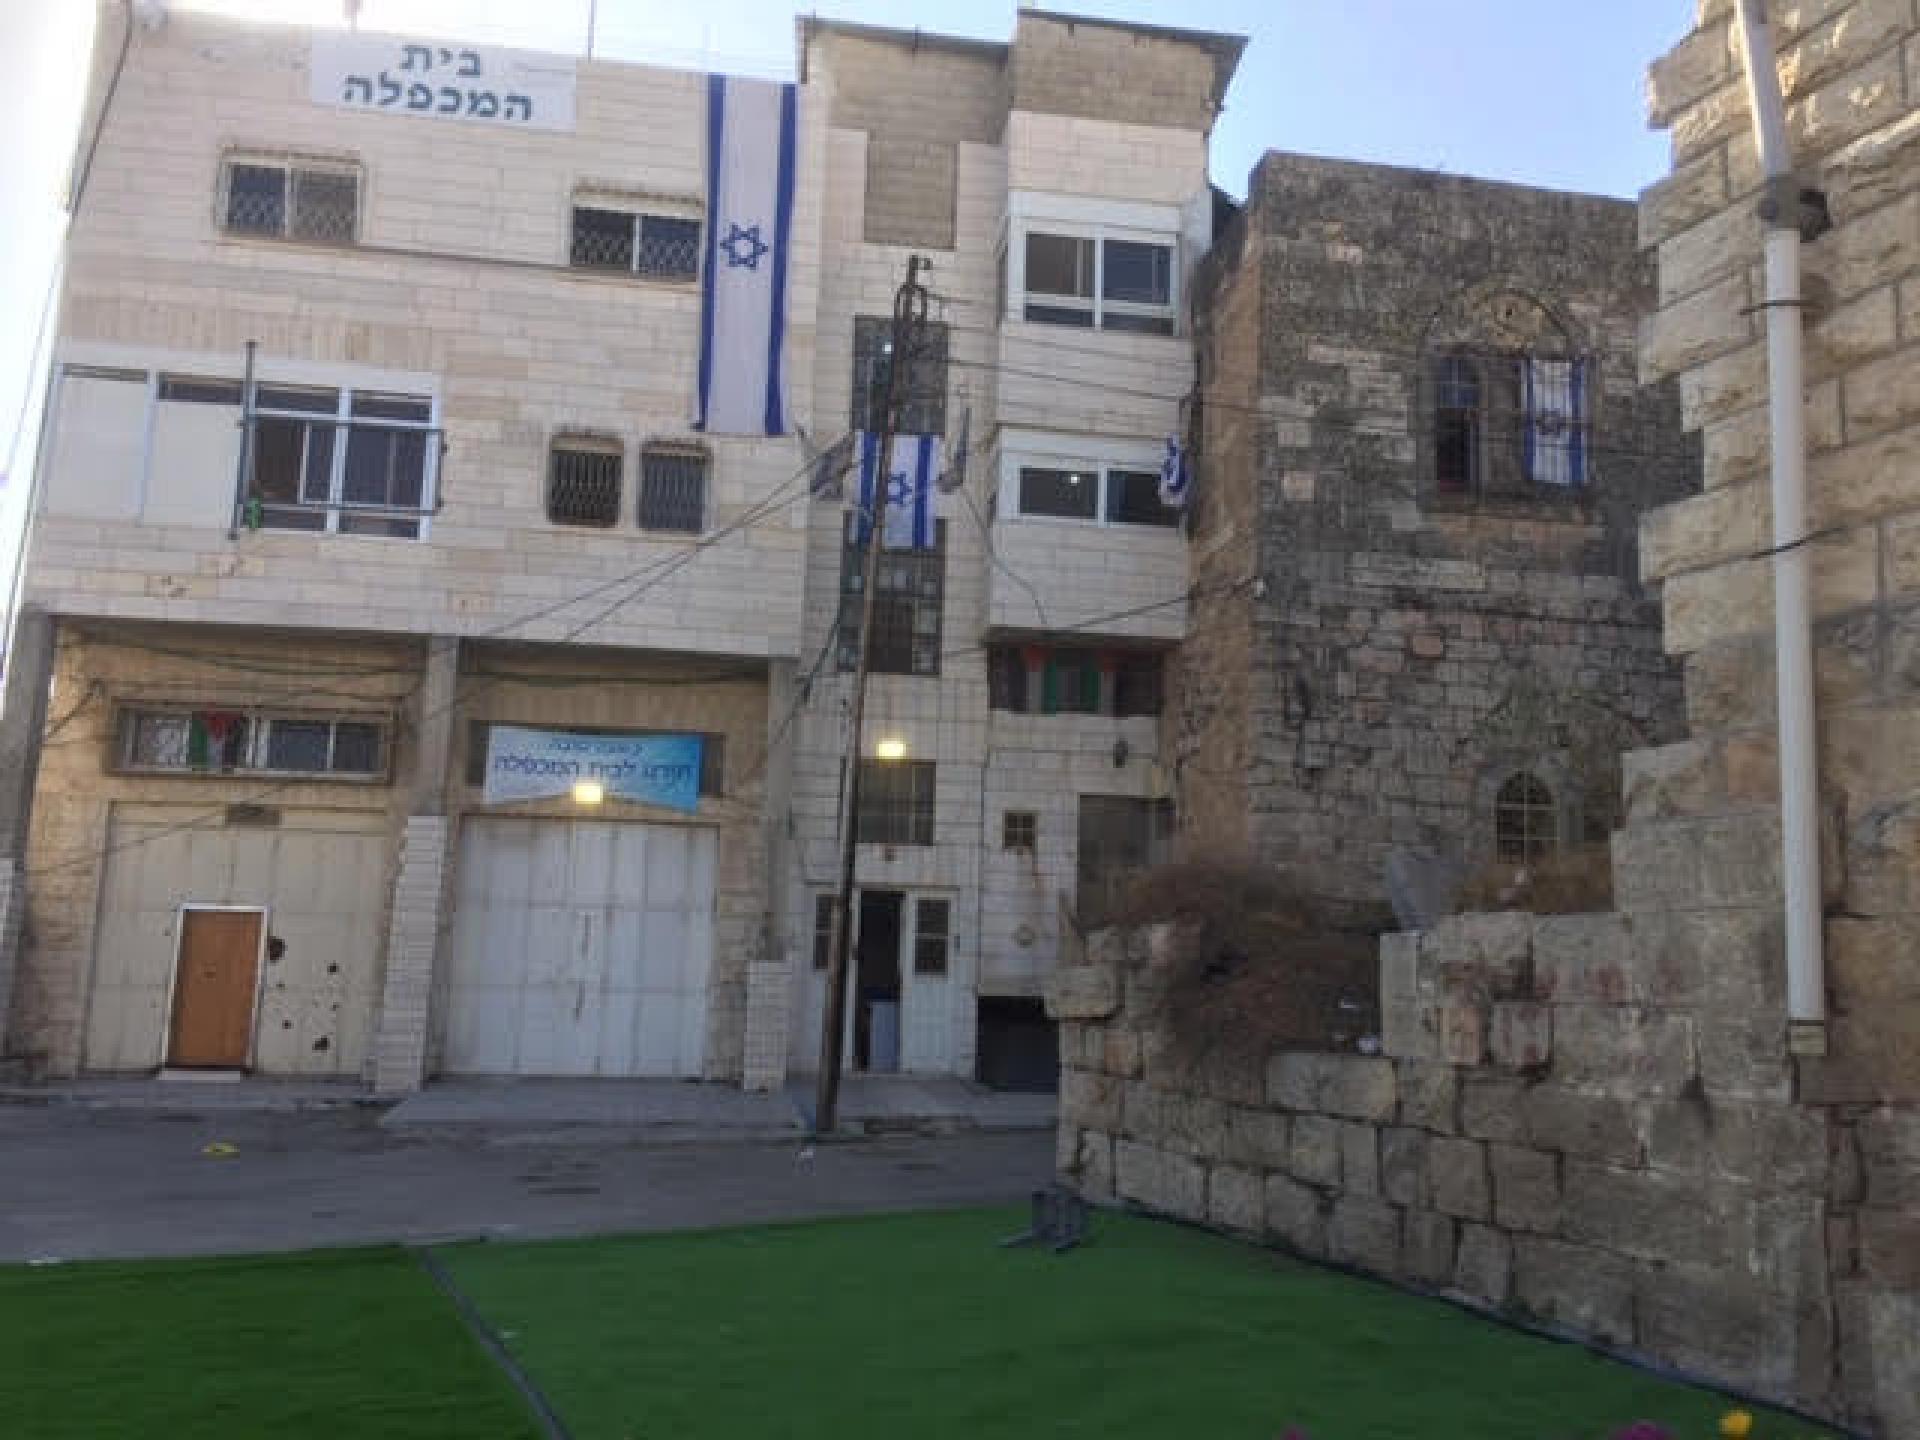 פתאום אבחנו בעוד דגל ישראל בבניין שנדמה לנו שאין אישור קנייה